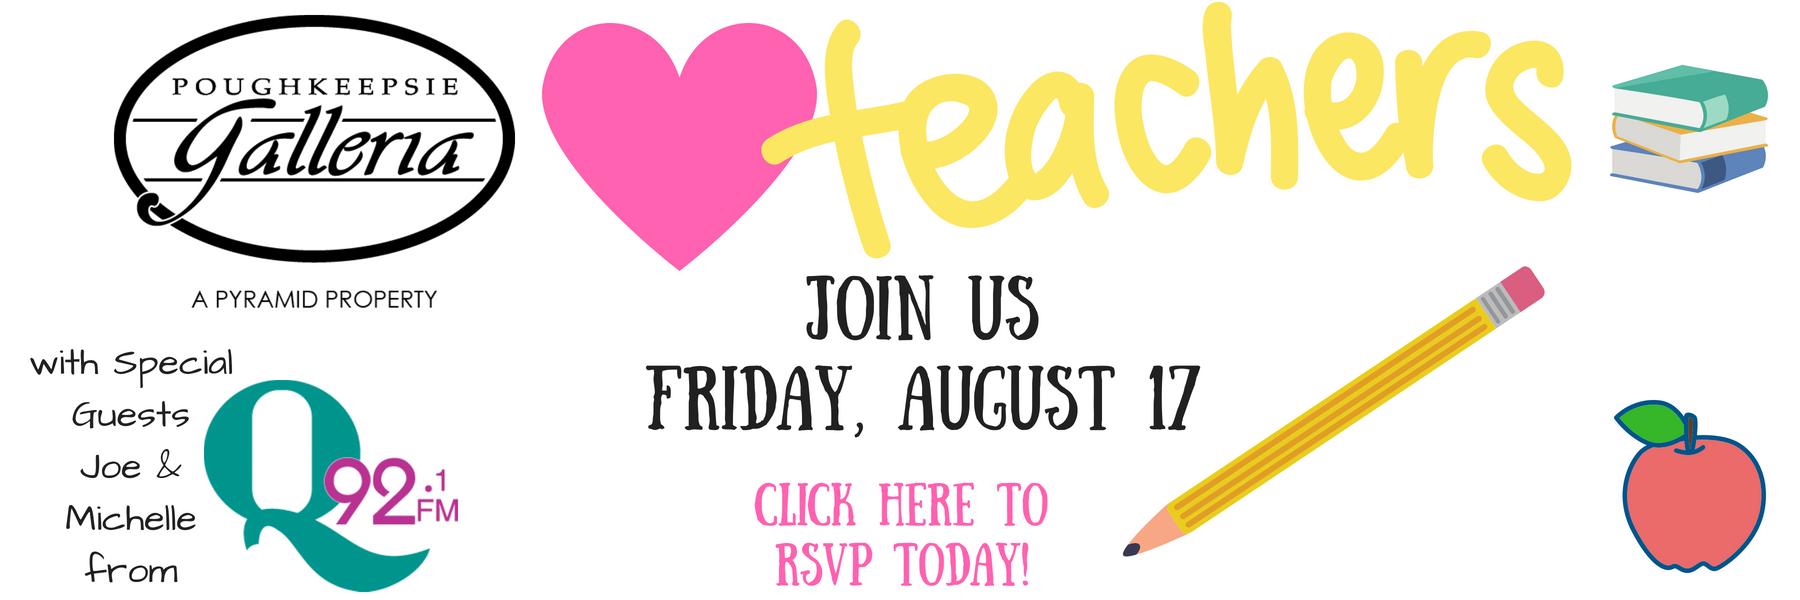 PG Loves Teachers - website